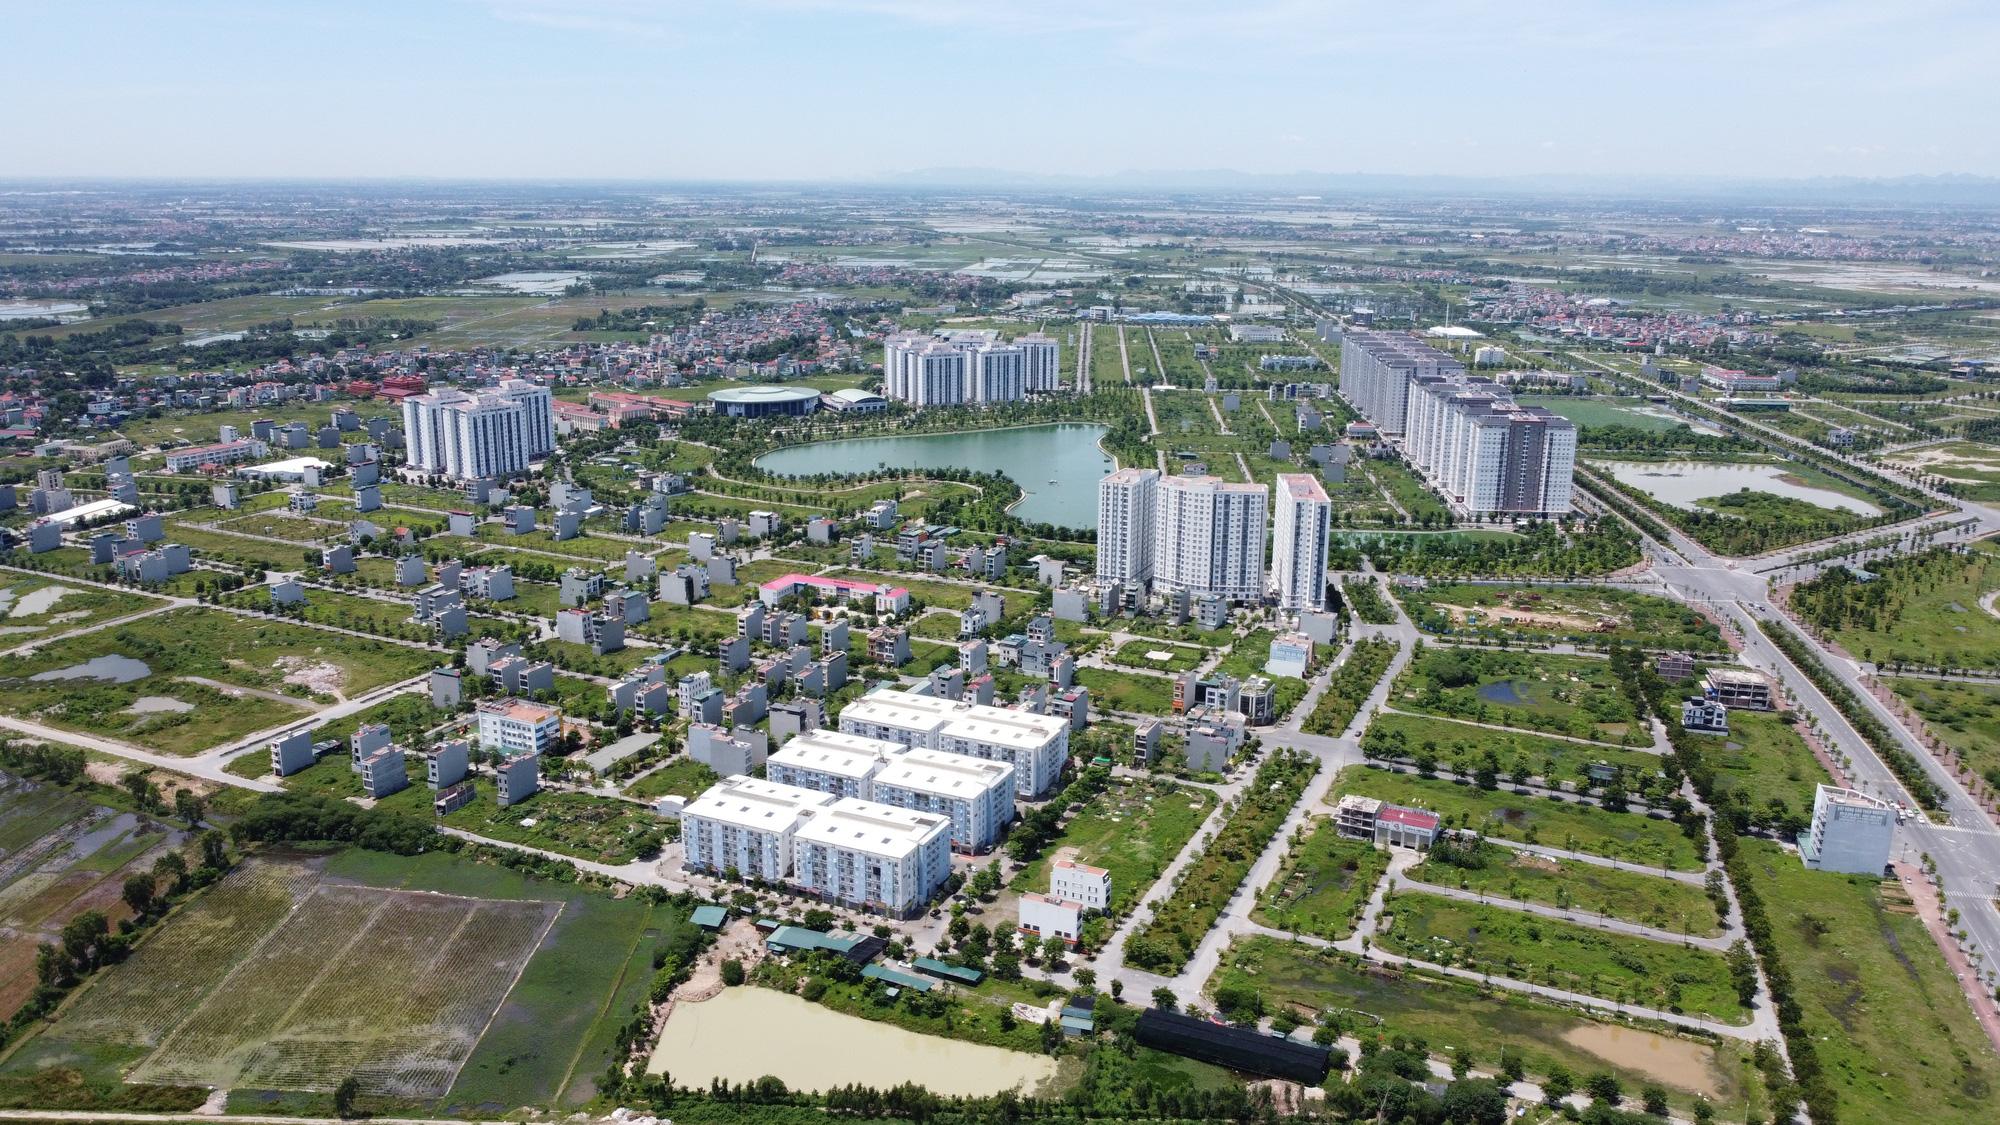 Hà Nội: Sớm bàn giao 23 ô đất quy hoạch xây dựng trường học tại khu đô thị Thanh Hà B - Cienco5  - Ảnh 1.